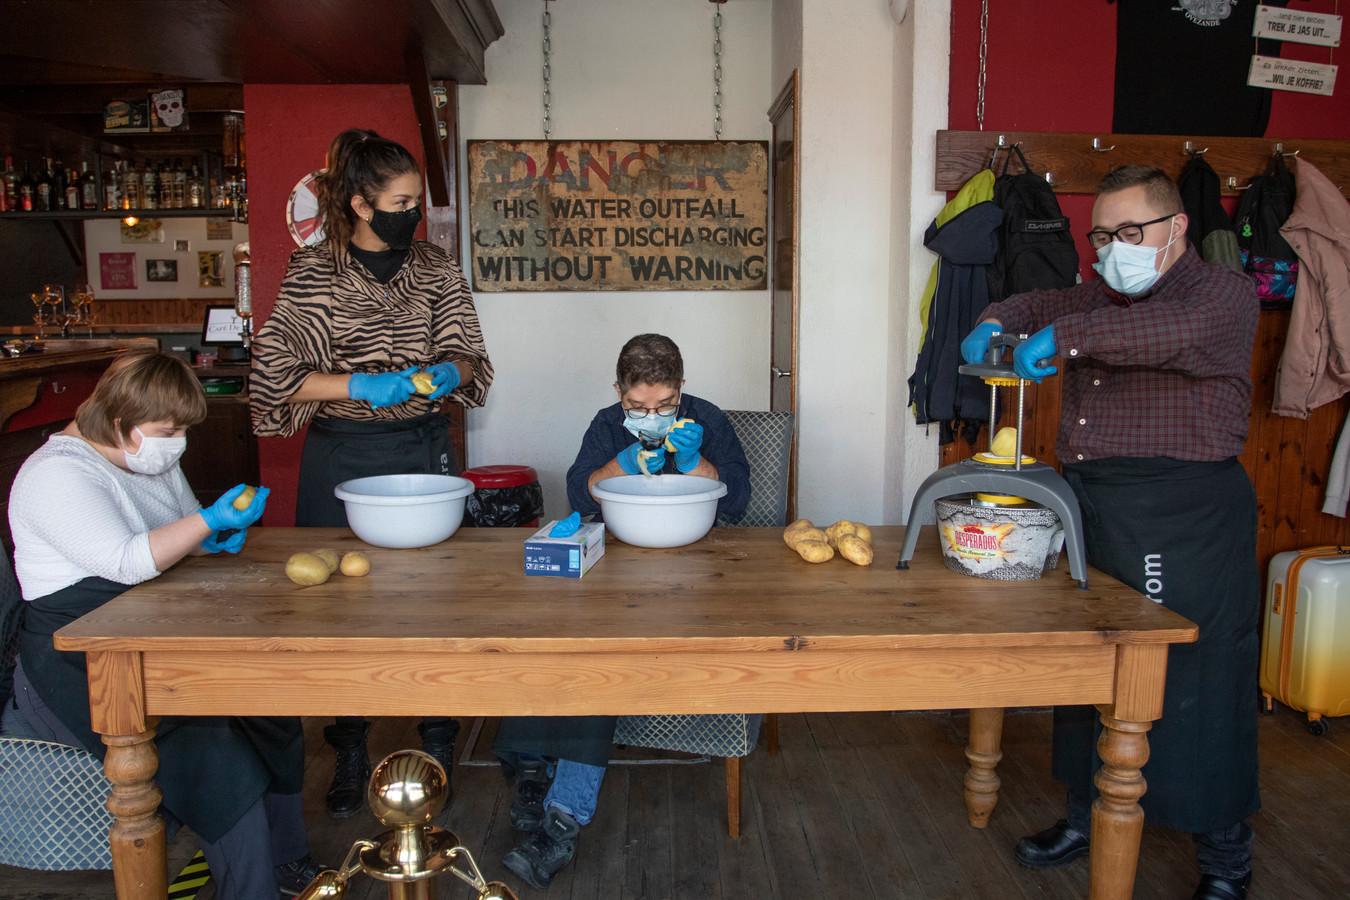 Daphne en Ko schillen de aardappelen terwijl Joram ze door de frietsnijder haalt. Petra de Winter (staand) kijkt toe.